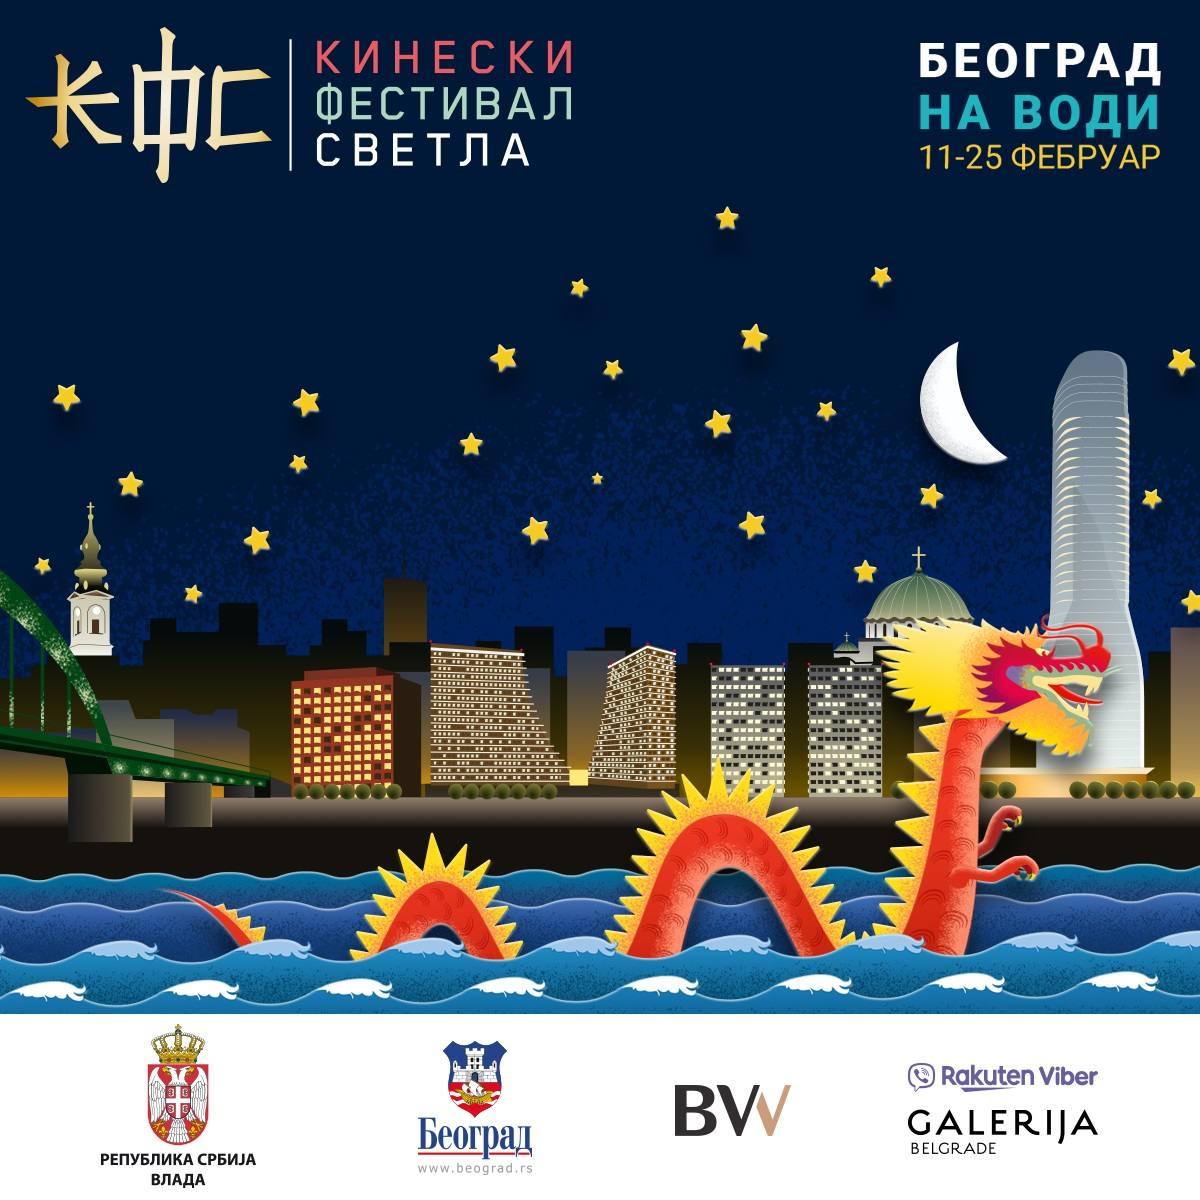 Festival, TRADICIJA SE NASTAVLJA: KINESKI FESTIVAL SVETLA U BEOGRADU I NOVOM SADU, Gradski Magazin